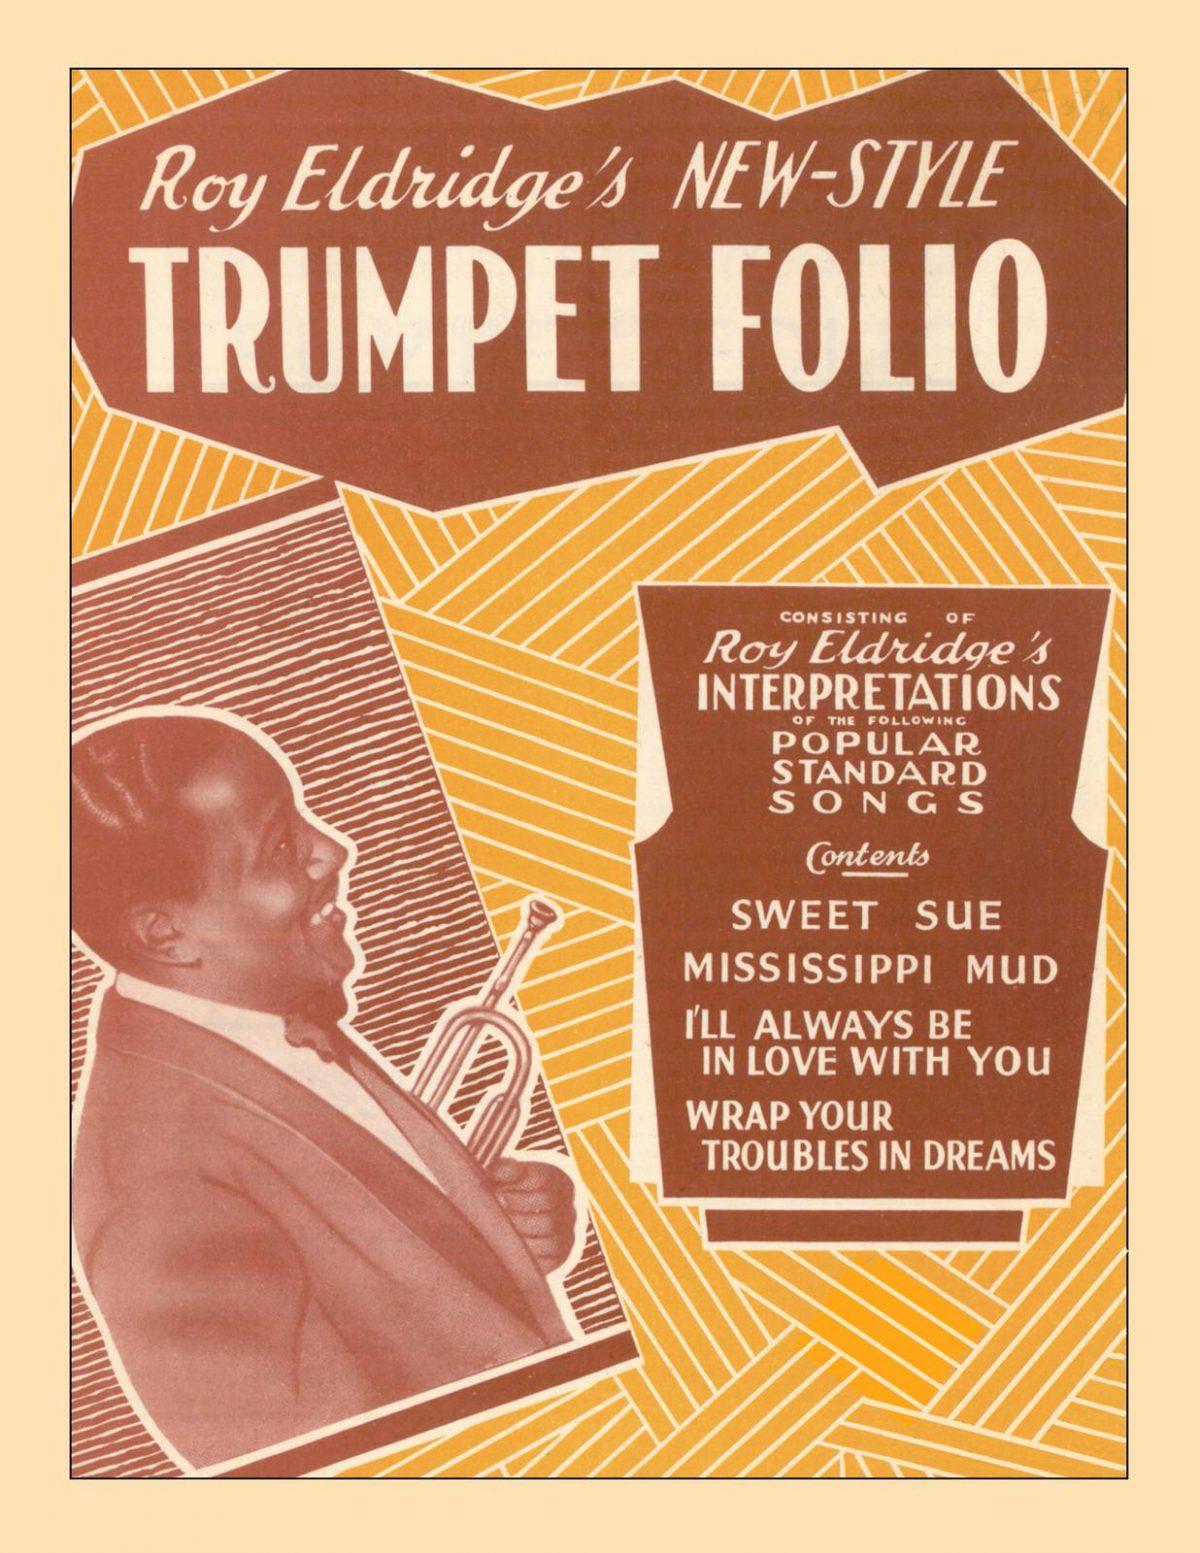 Eldridge, New Style Trumpet Folio-p01